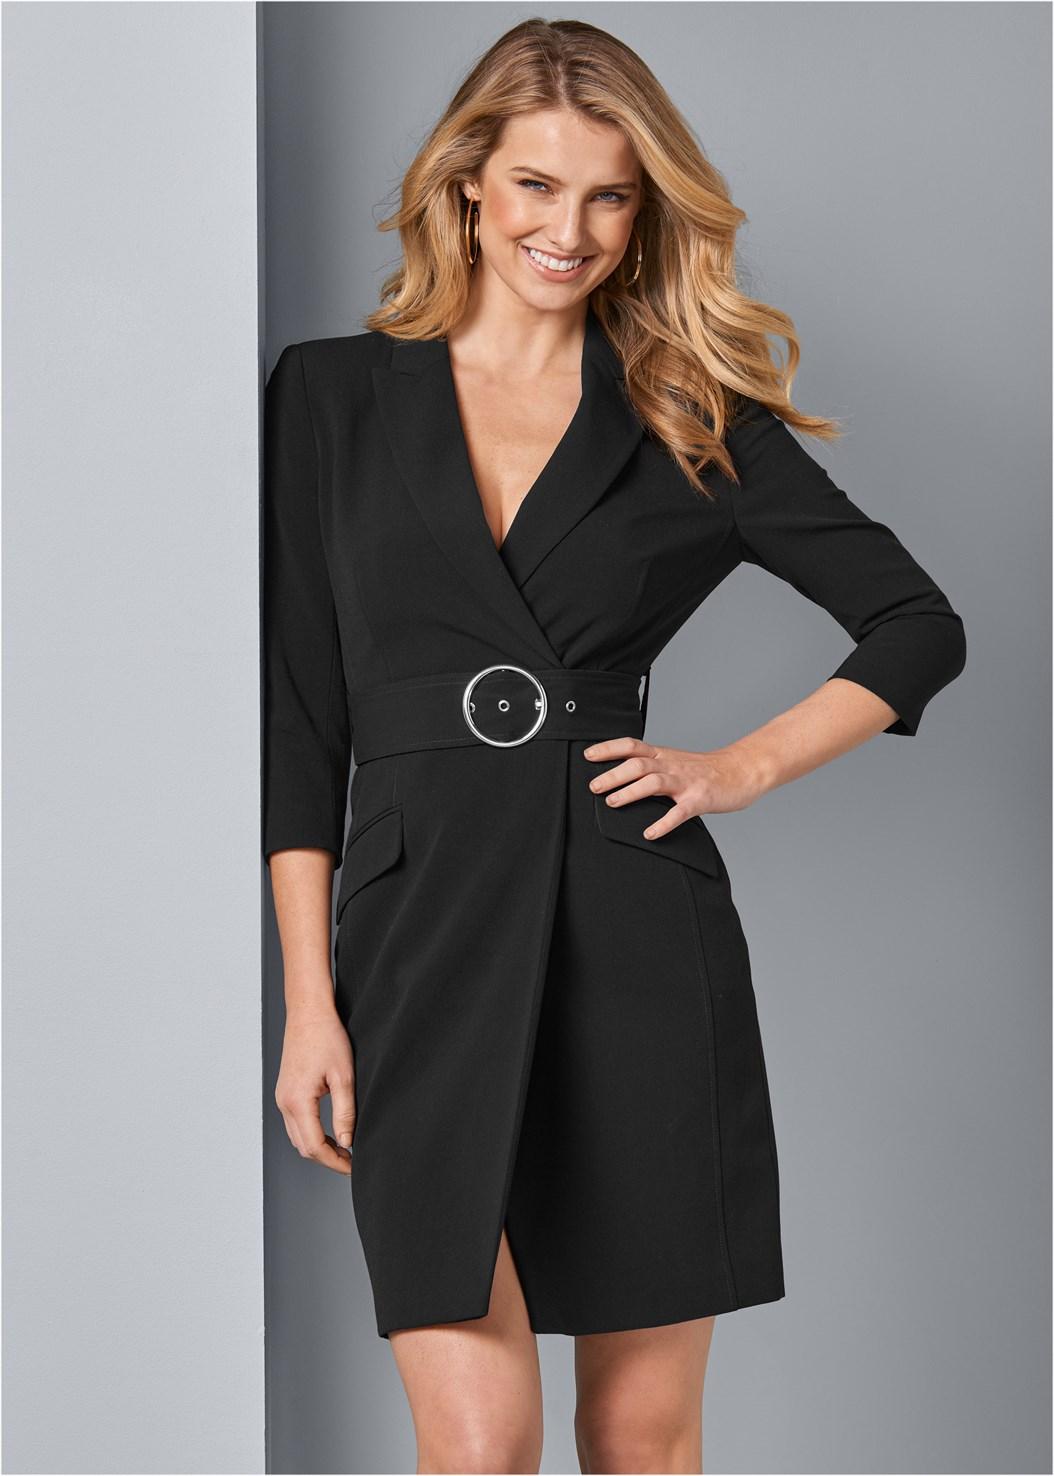 Coat Dress,Stud Detail Lucite Heels,Square Hoop Earrings